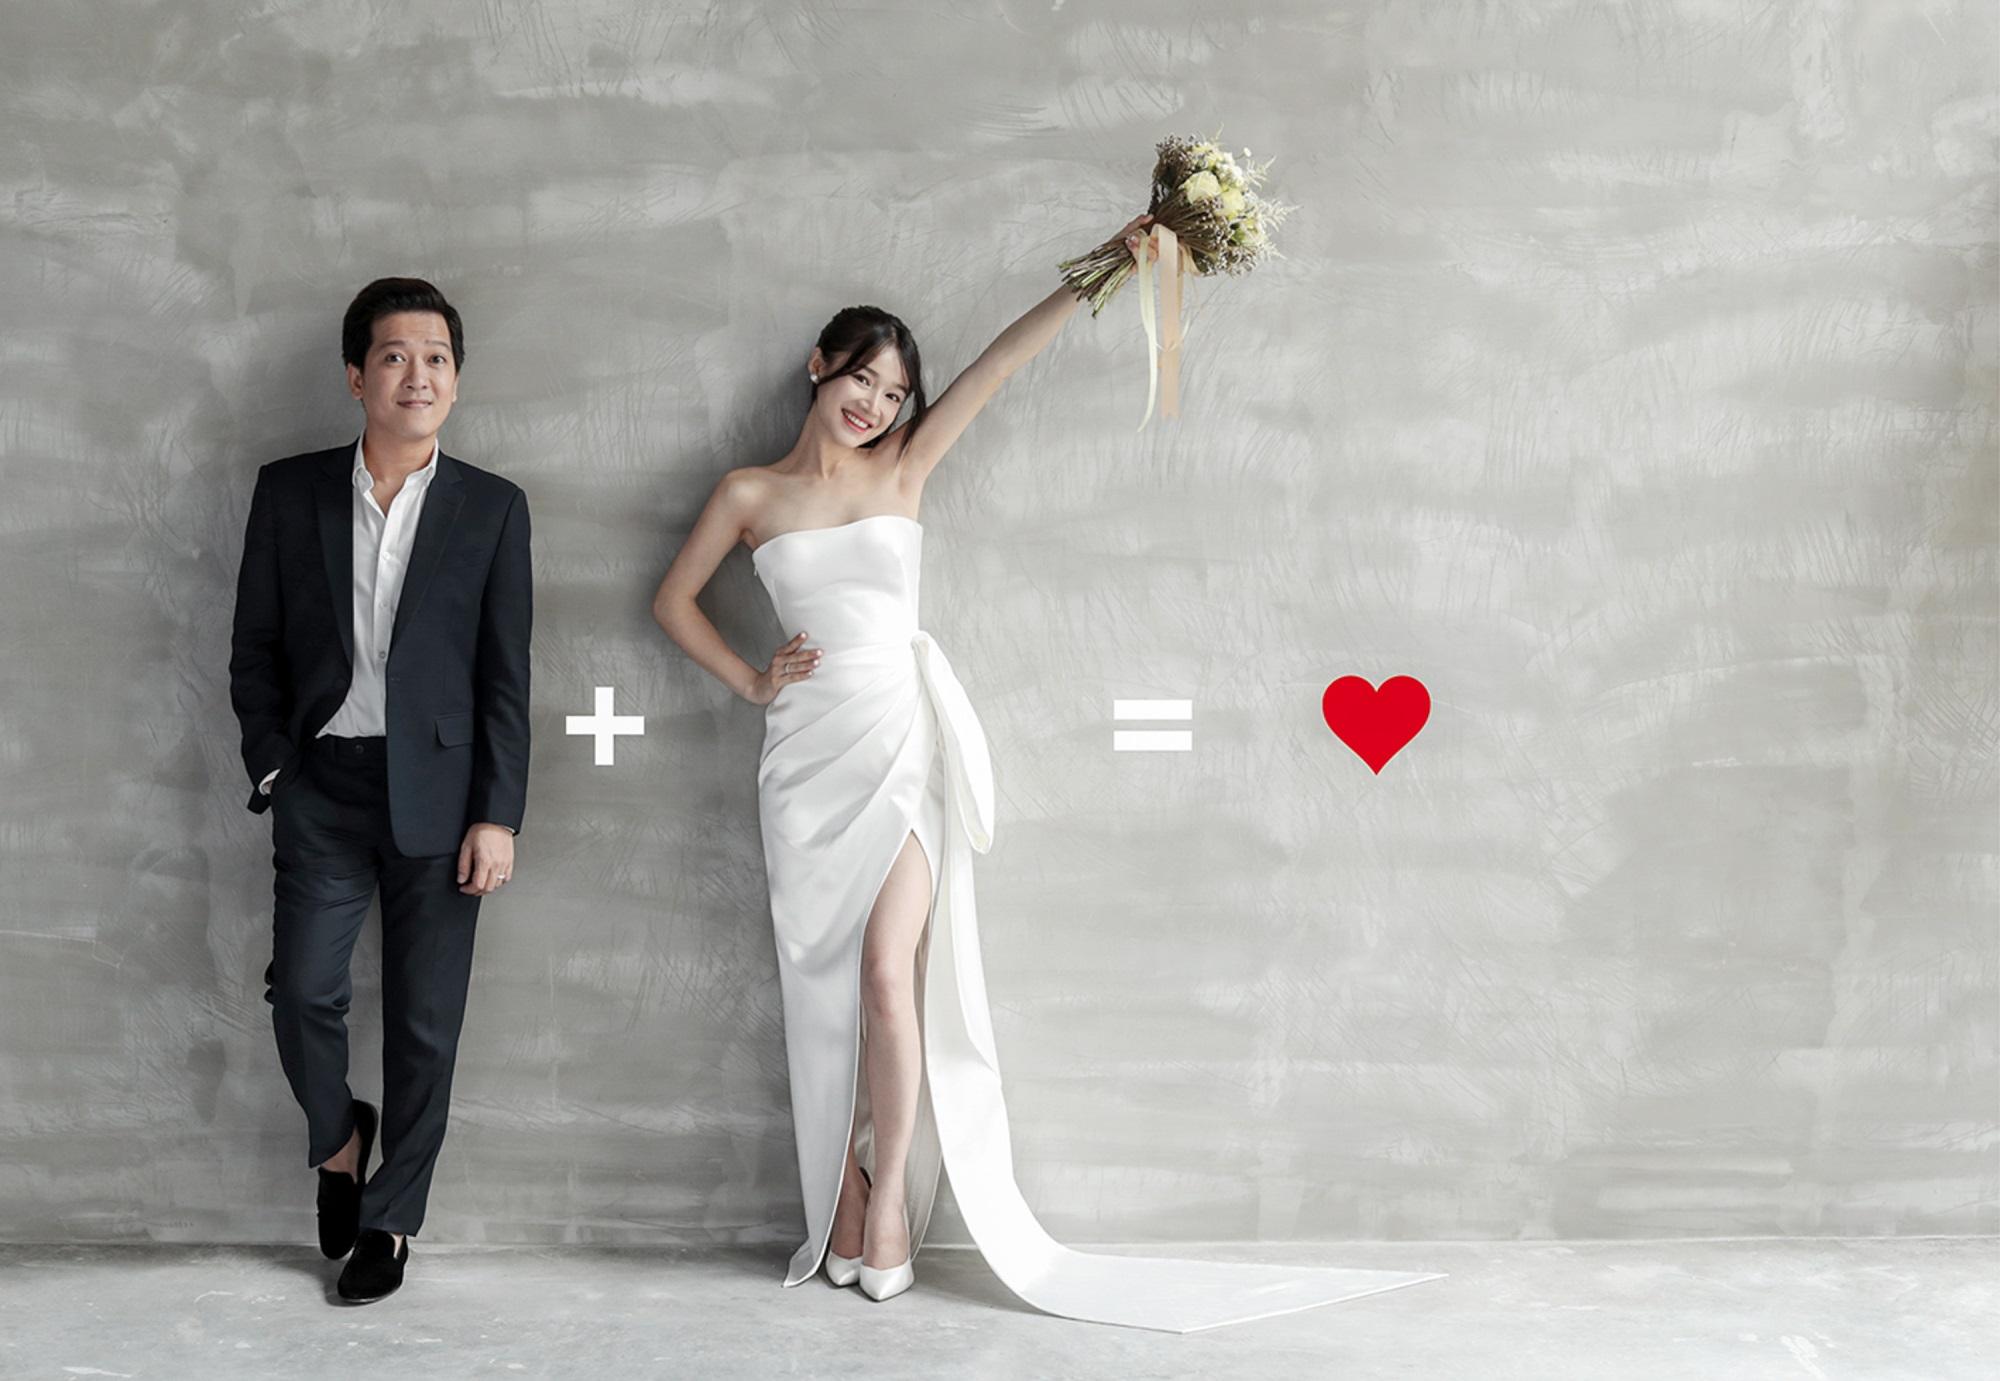 'Rụng tim' khi ngắm trọn bộ ảnh cưới đẹp như tranh vẽ của Trường Giang - Nhã Phương - Ảnh 8